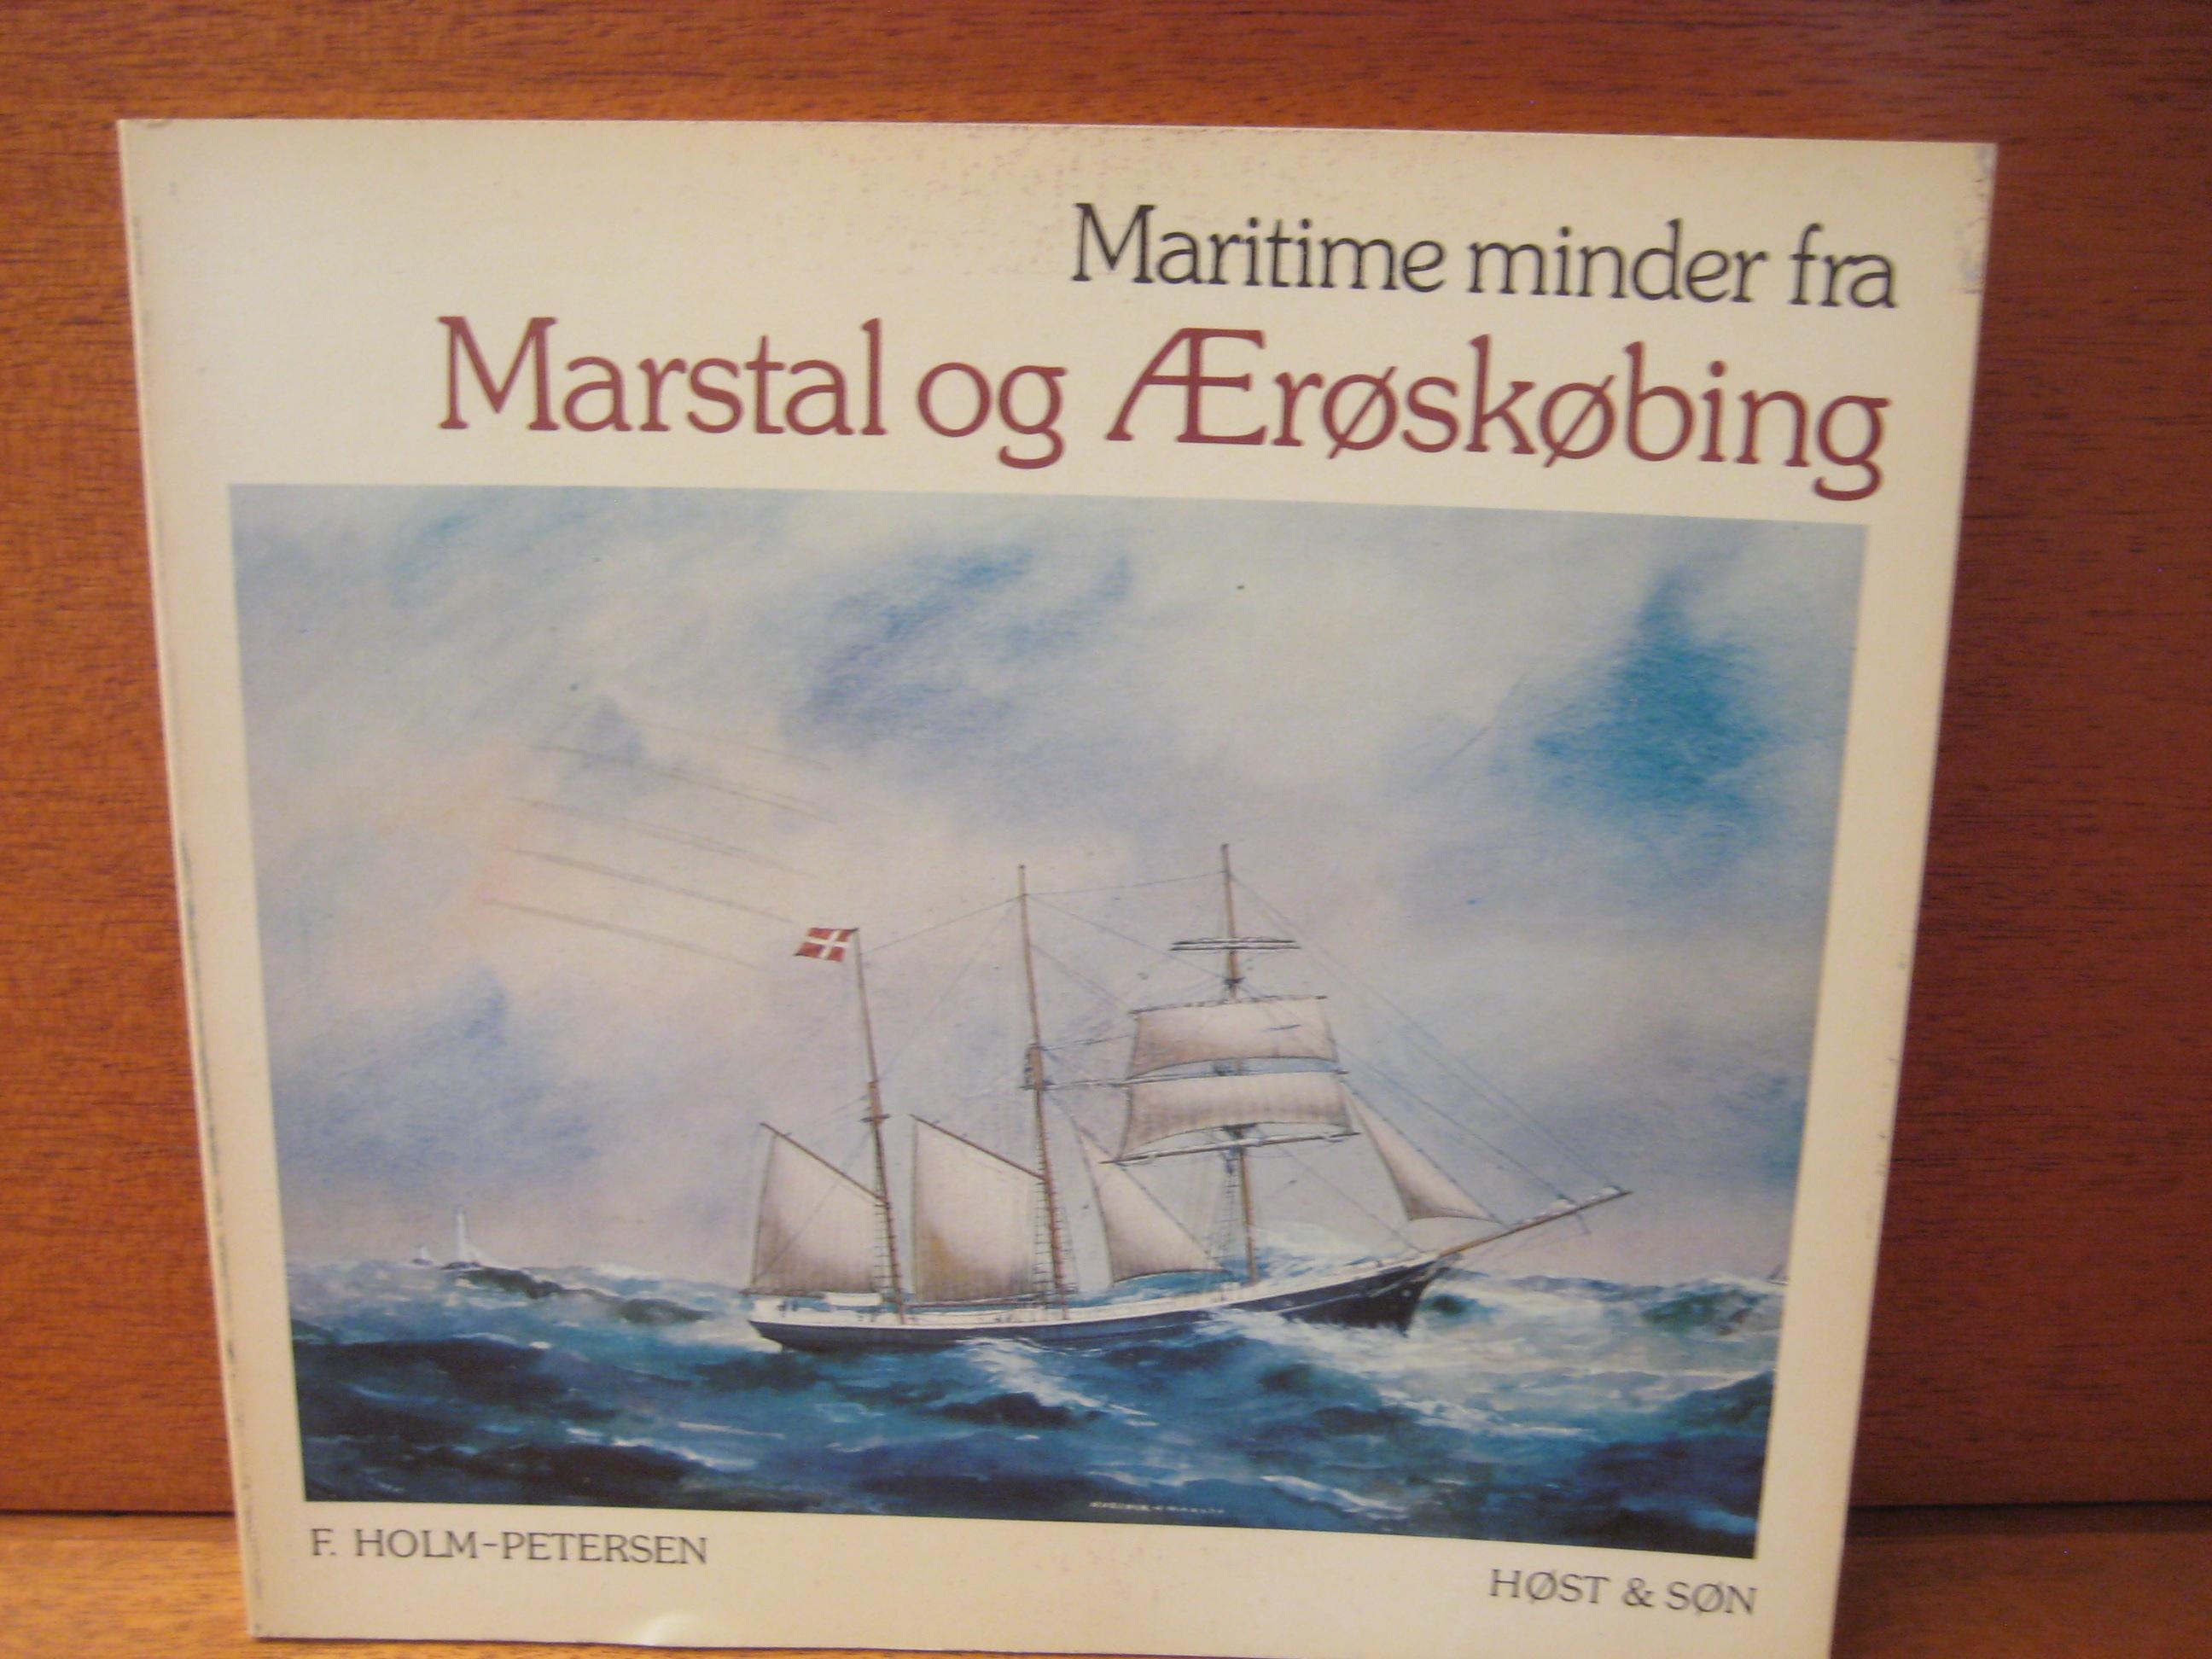 Maritime minder Marstal & Ærøskøbing